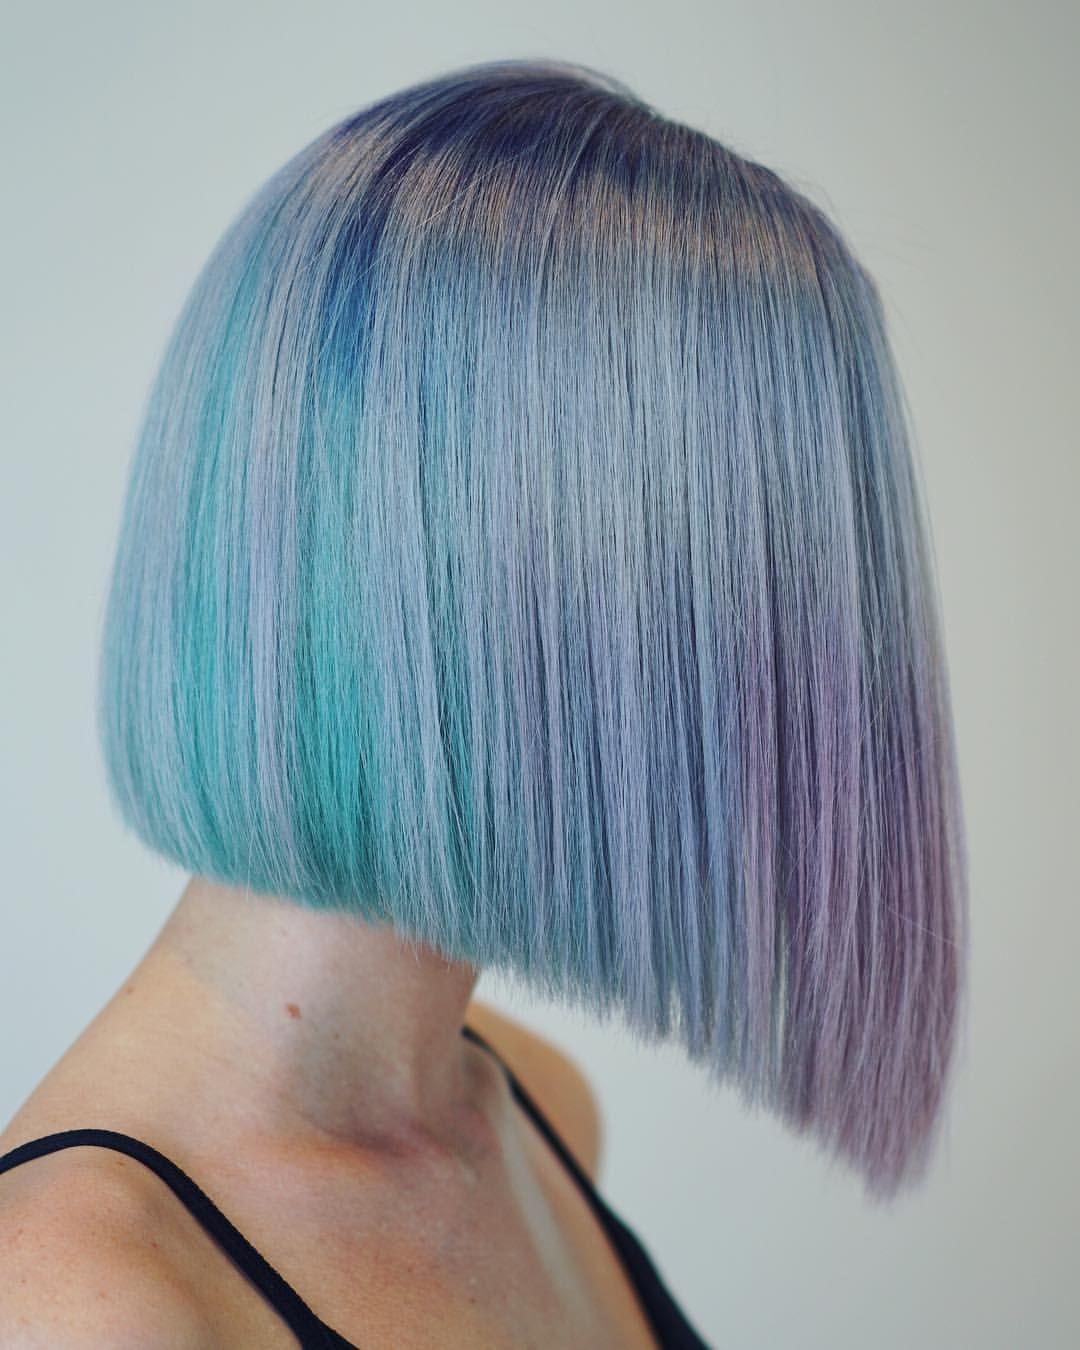 ᏞᎪᏃᎾᏒ ᏞᎾb ᎶᎾᎠ I love hair Cut n color by urs